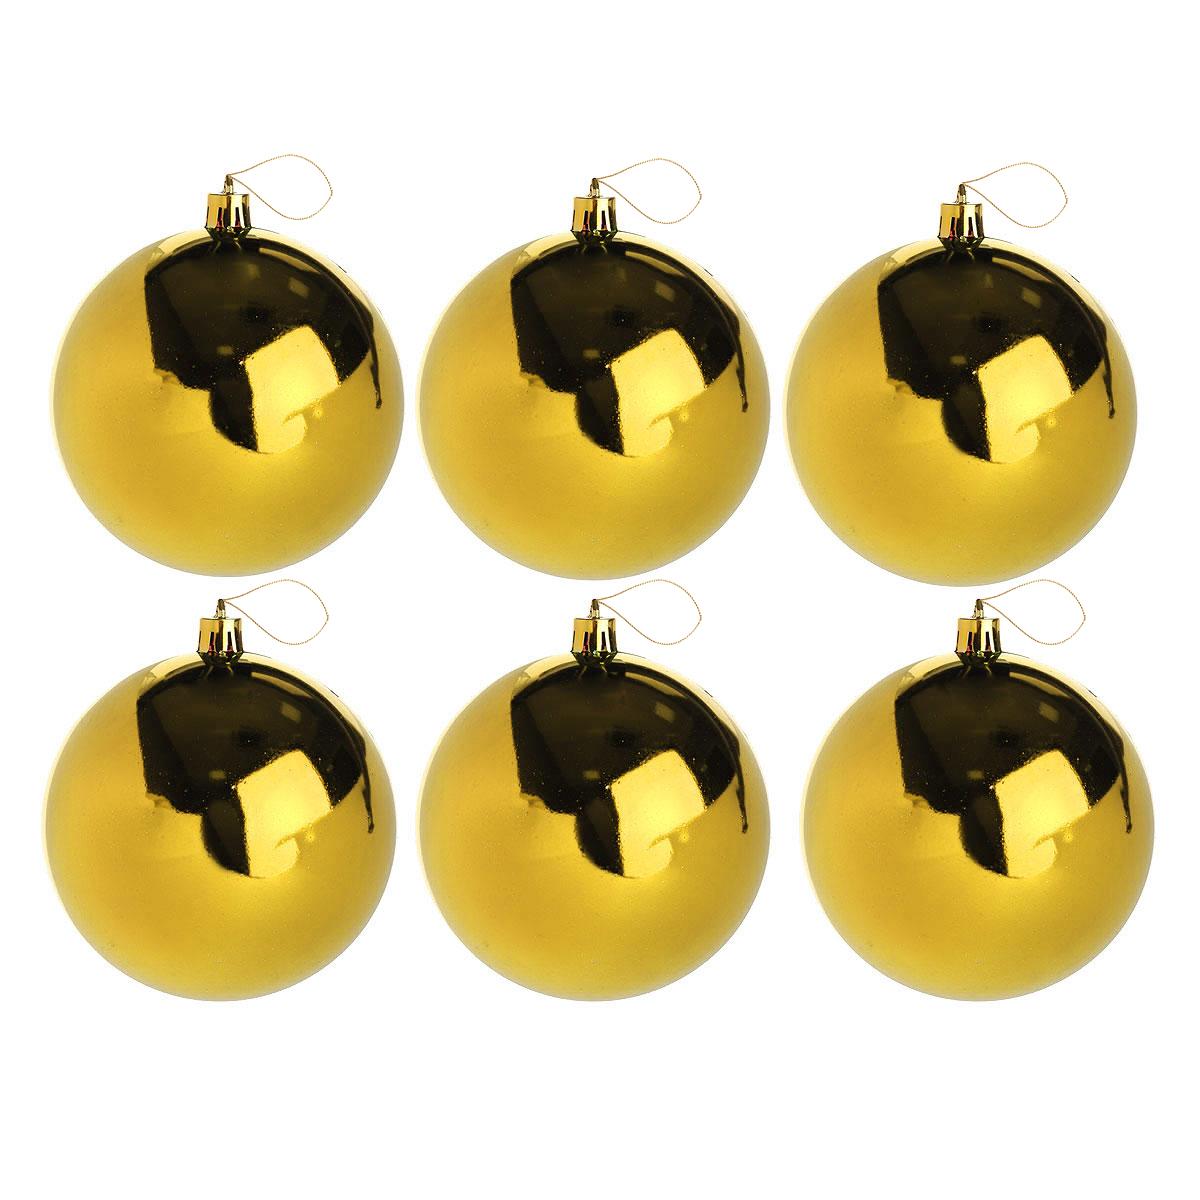 Набор новогодних подвесных украшений Sima-land Шар, цвет: золотистый, диаметр 10 см, 6 шт. 735666 набор однотонных пластиковых шаров 10 см 1глянцевый 1 матовый золотой